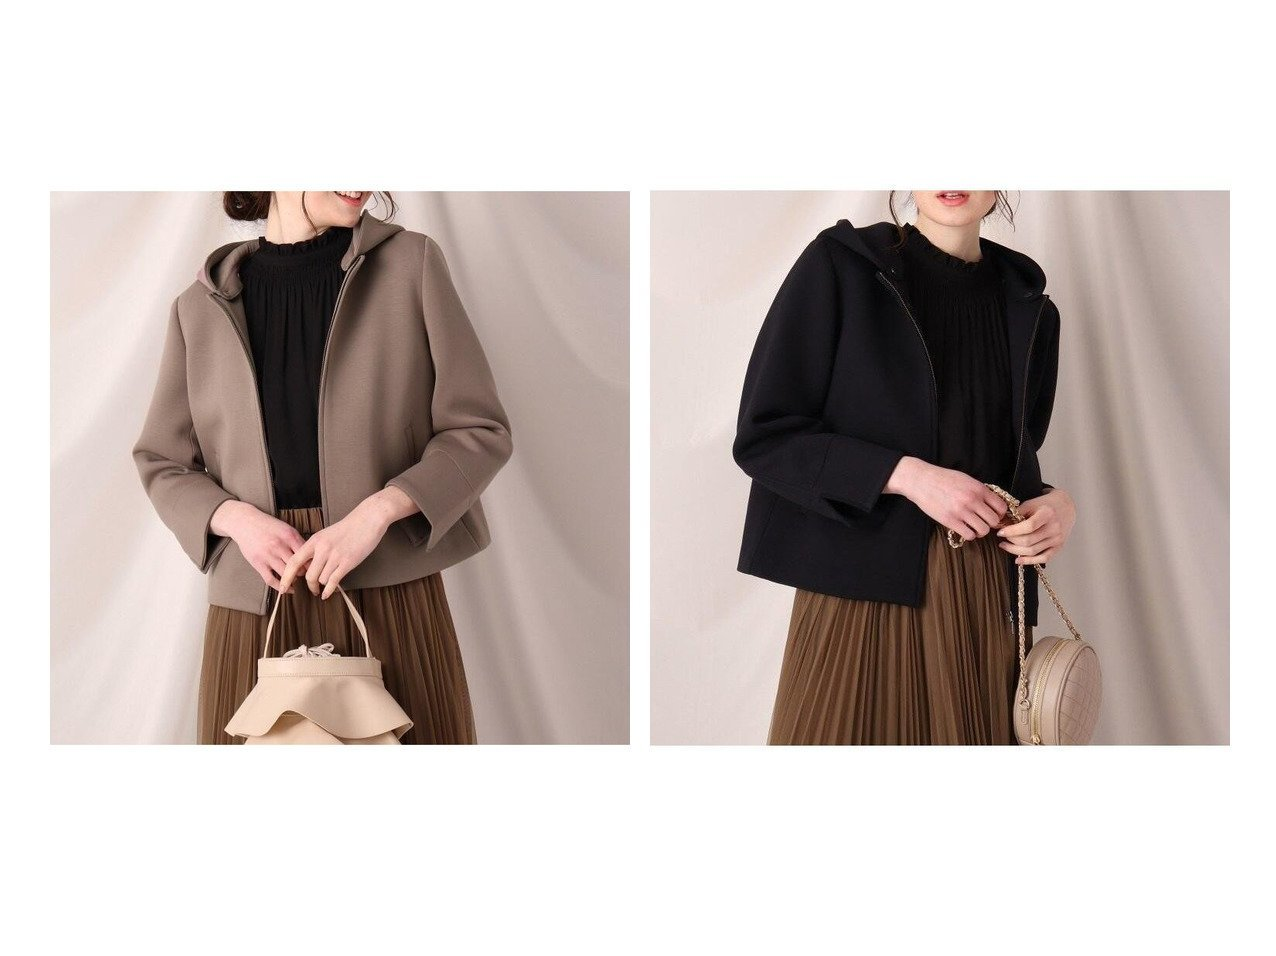 【Couture Brooch/クチュール ブローチ】のダンボール2WAYジップアップアウター Couture Broochのおすすめ!人気、トレンド・レディースファッションの通販 おすすめで人気の流行・トレンド、ファッションの通販商品 メンズファッション・キッズファッション・インテリア・家具・レディースファッション・服の通販 founy(ファニー) https://founy.com/ ファッション Fashion レディースファッション WOMEN アウター Coat Outerwear ブルゾン Blouson Jackets NEW・新作・新着・新入荷 New Arrivals ジャケット スリット フロント ブルゾン ポケット |ID:crp329100000018064